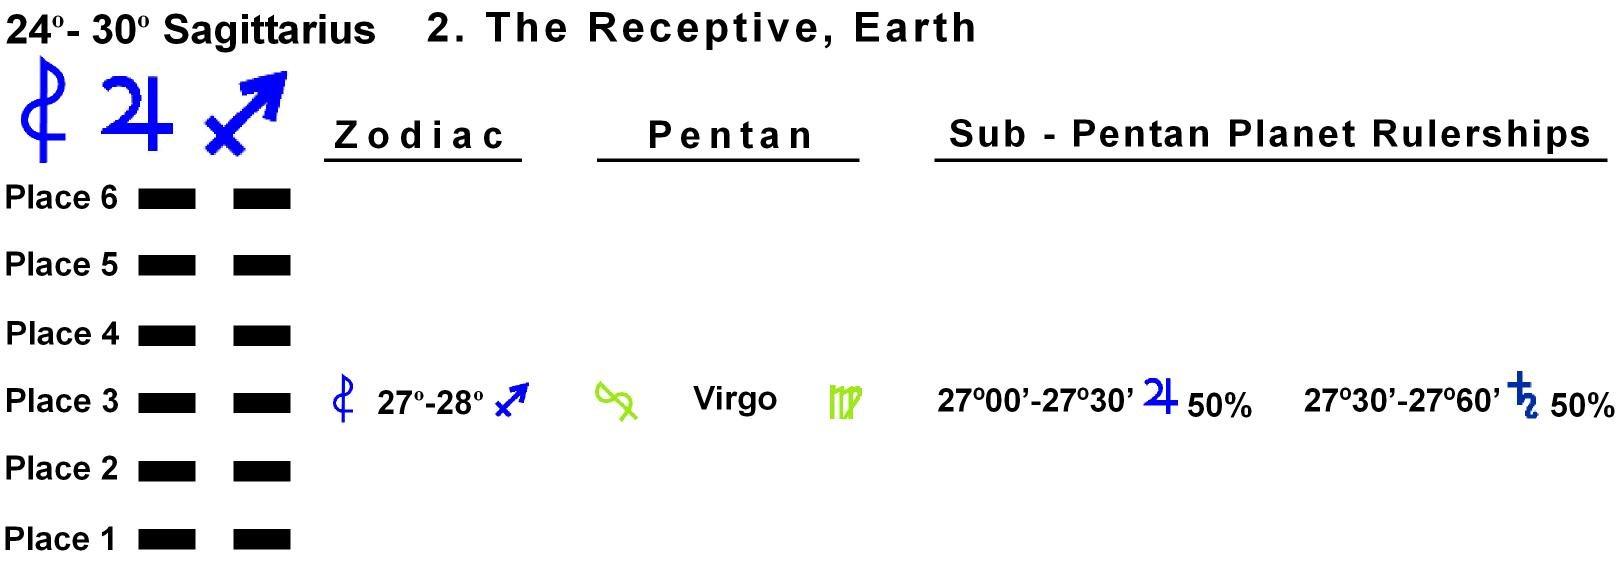 Pent-lines-09SA 27-28 Hx-2 The Receptive